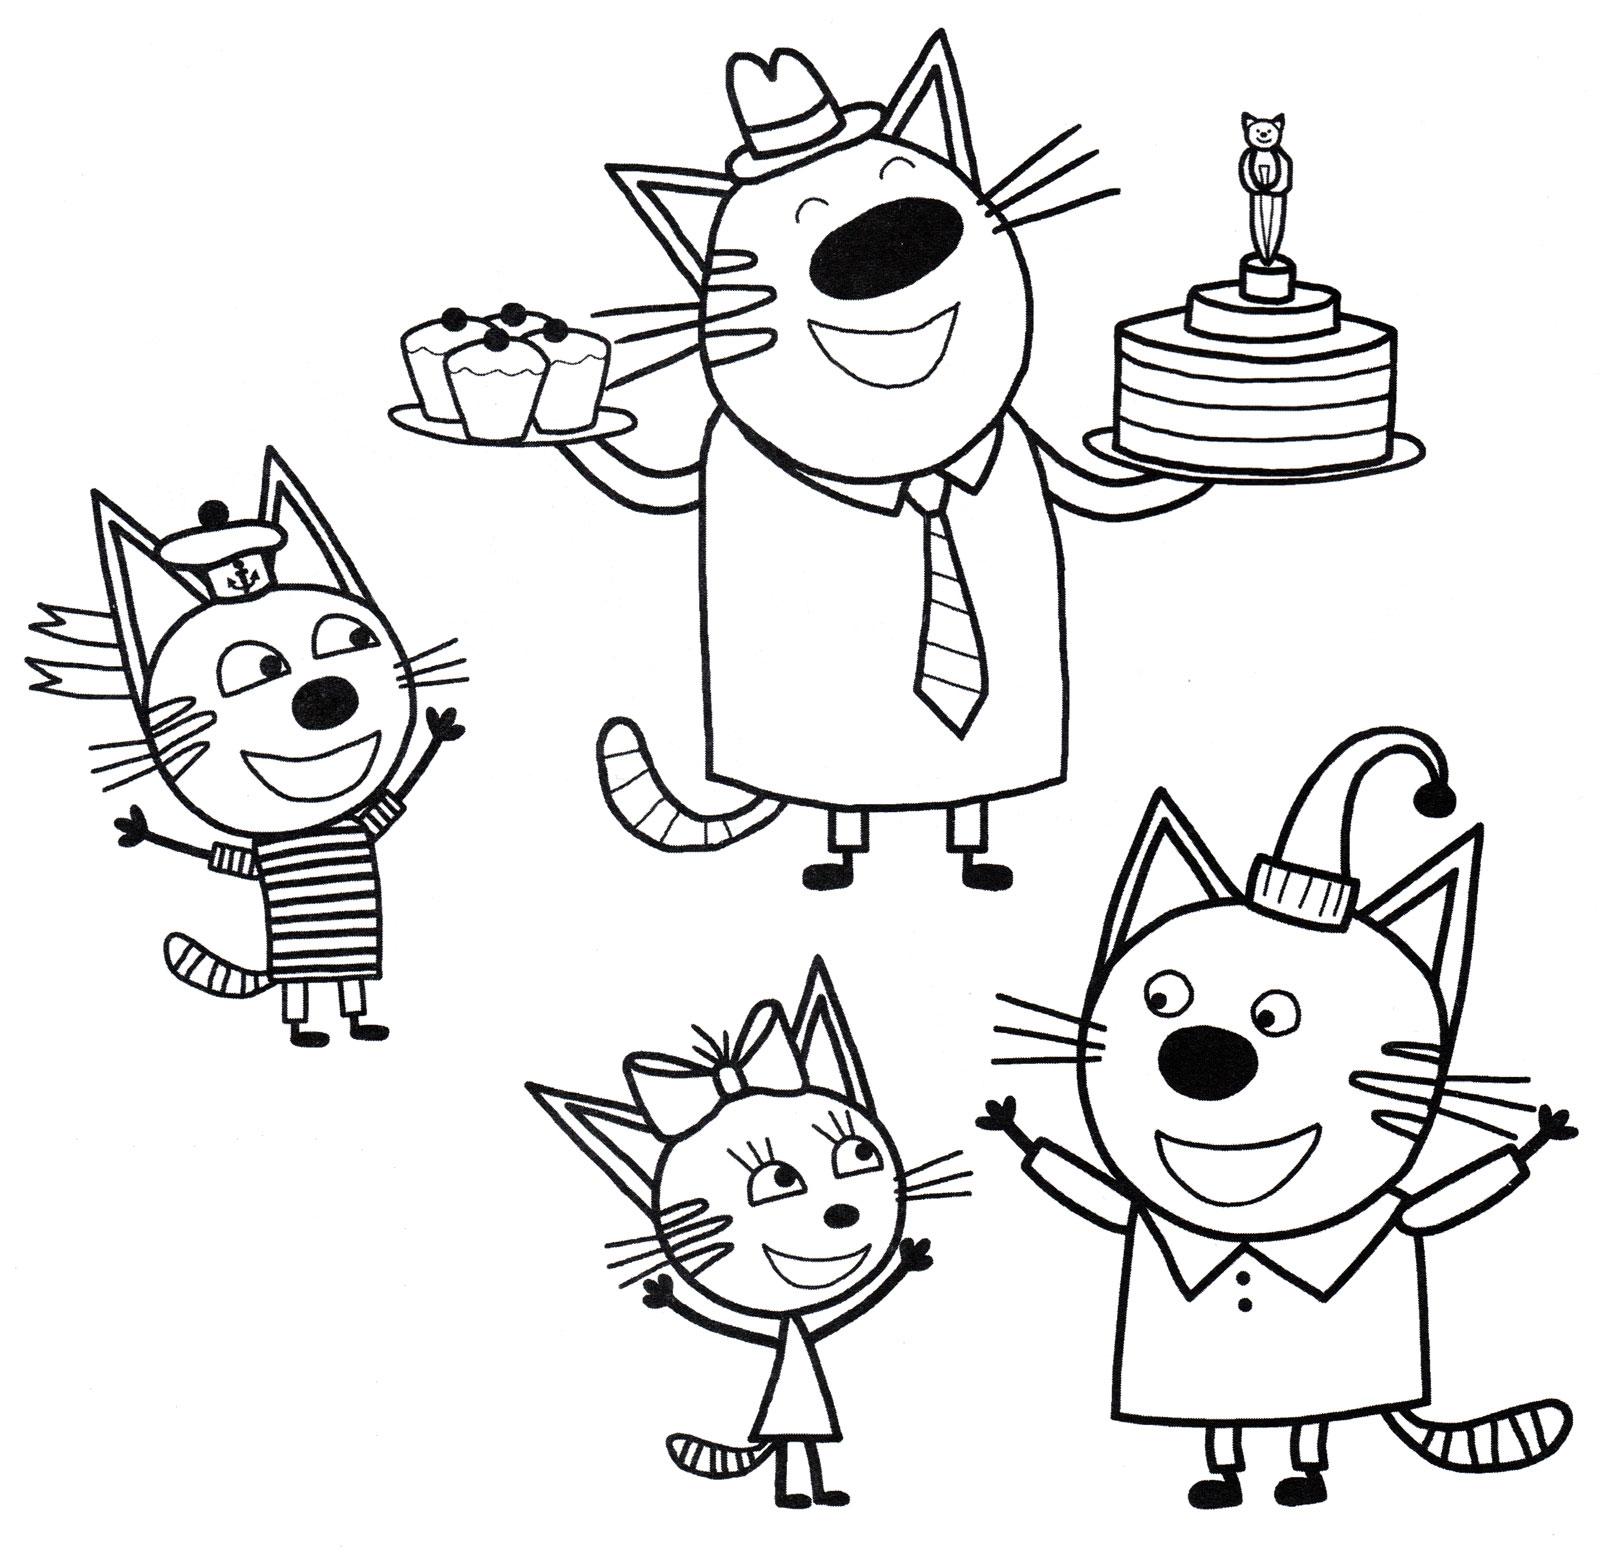 Раскраска Папа принес сладости из мультика Три кота ...